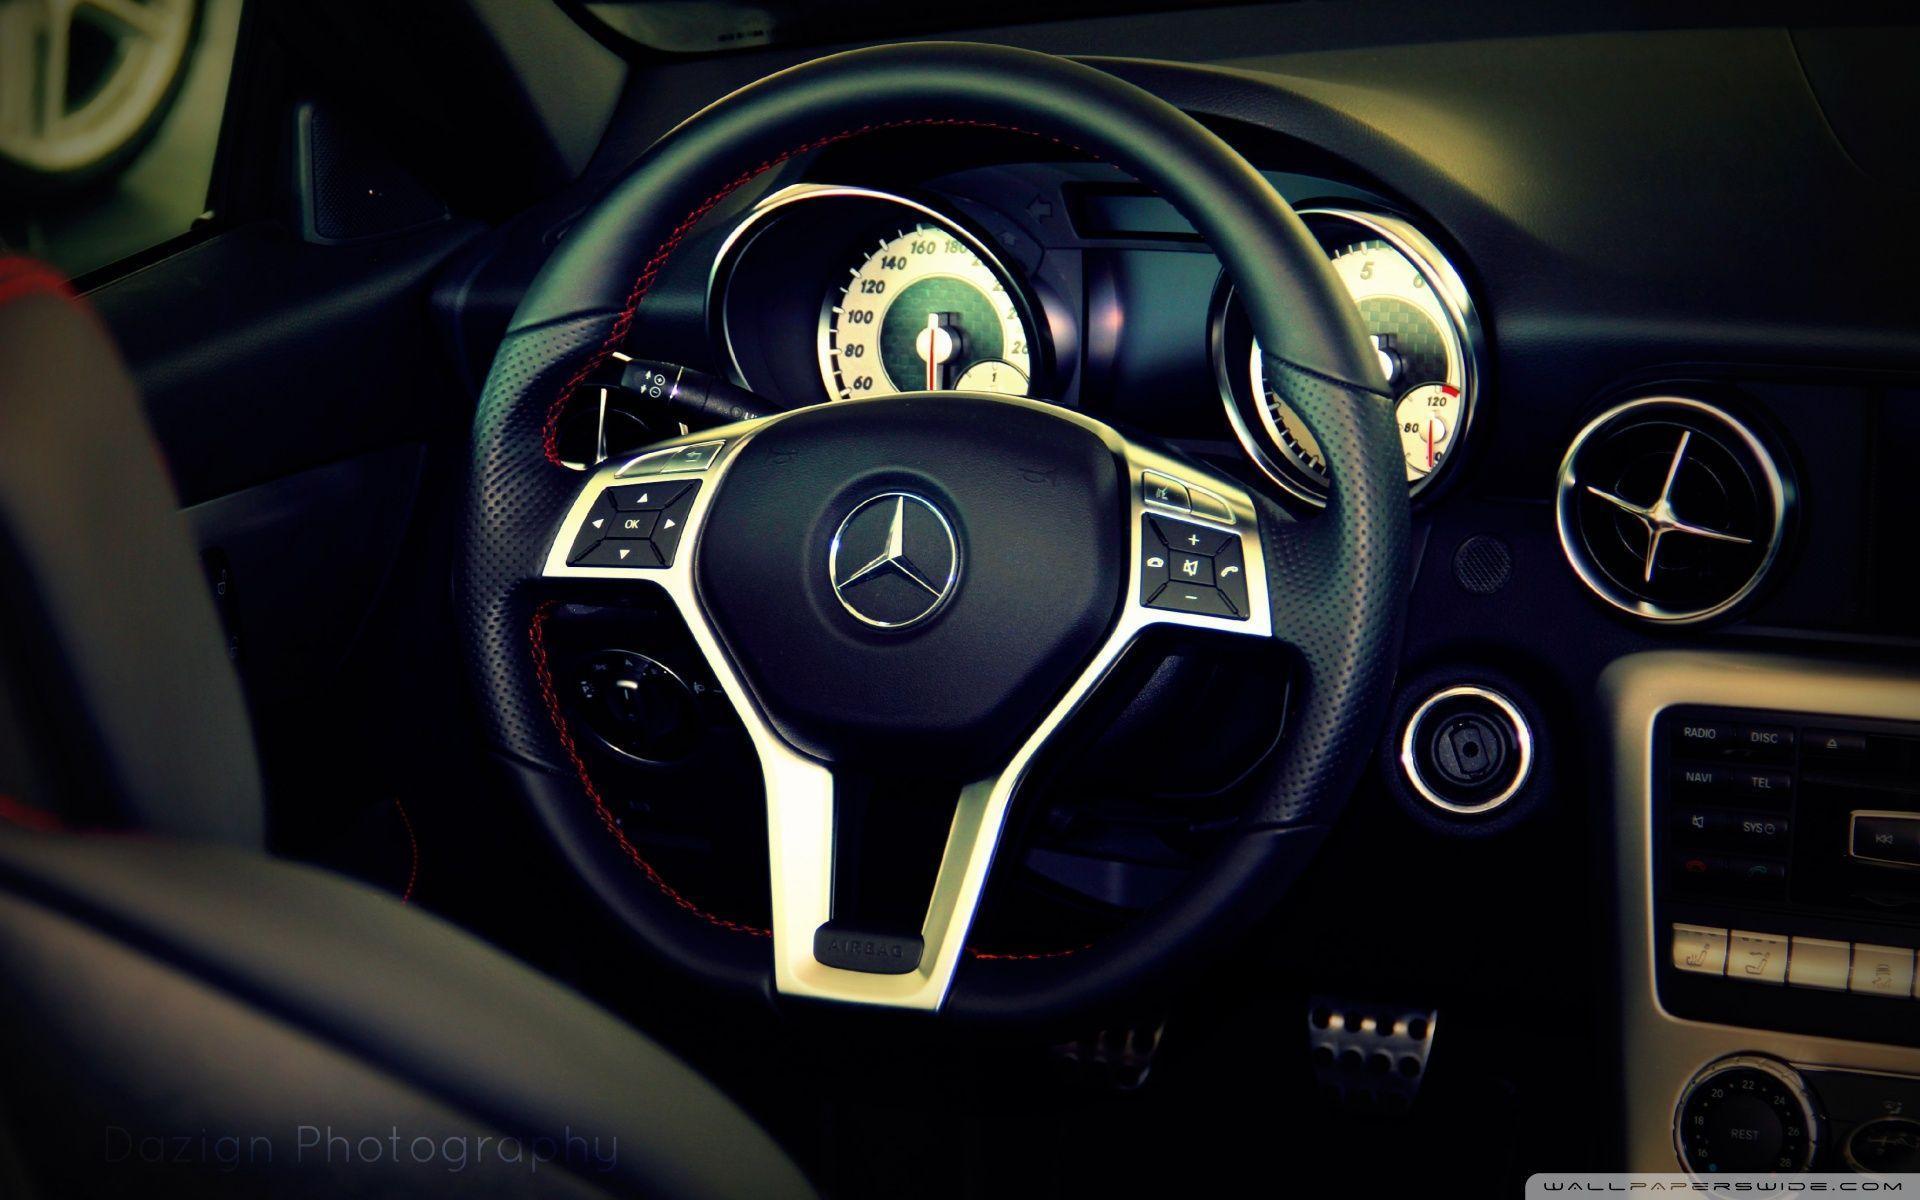 Mercedes-Benz HD desktop wallpaper : Widescreen : Fullscreen